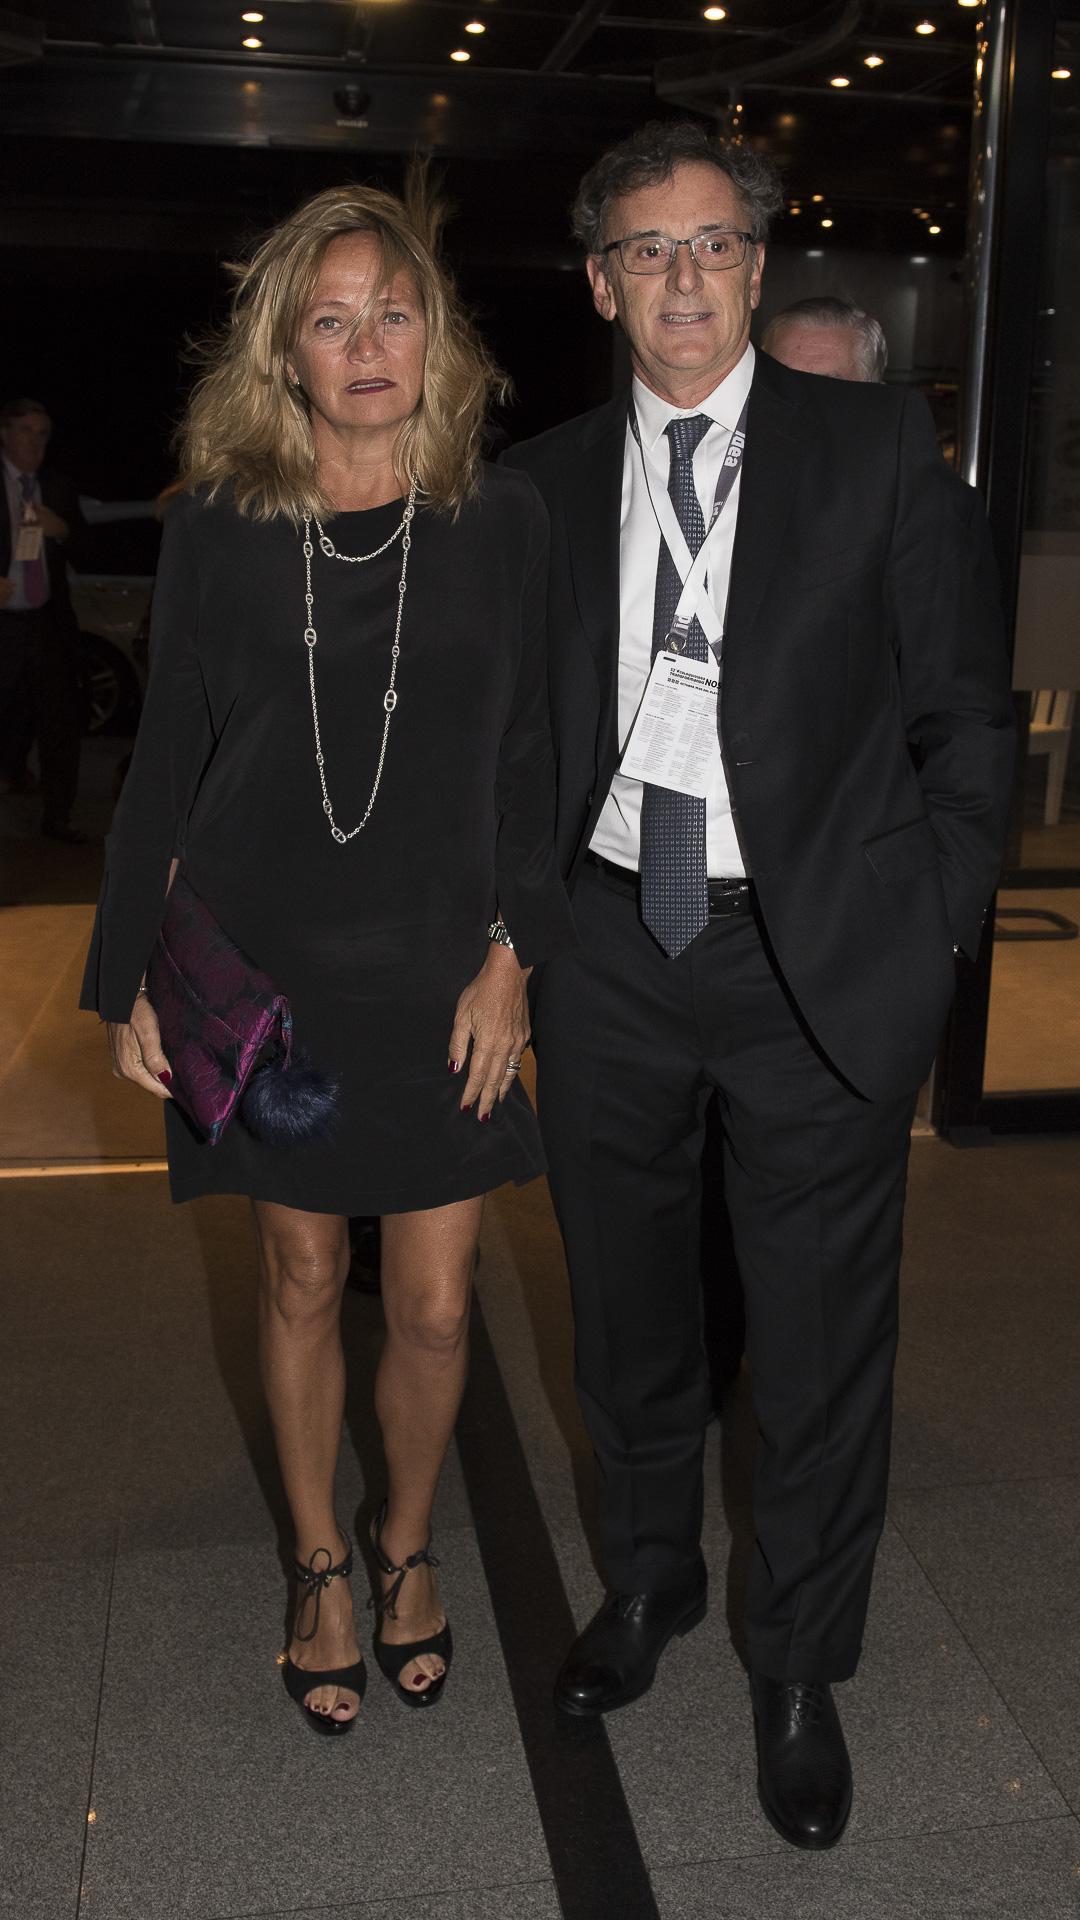 El presidente de ABA Claudio Cesario y su esposa